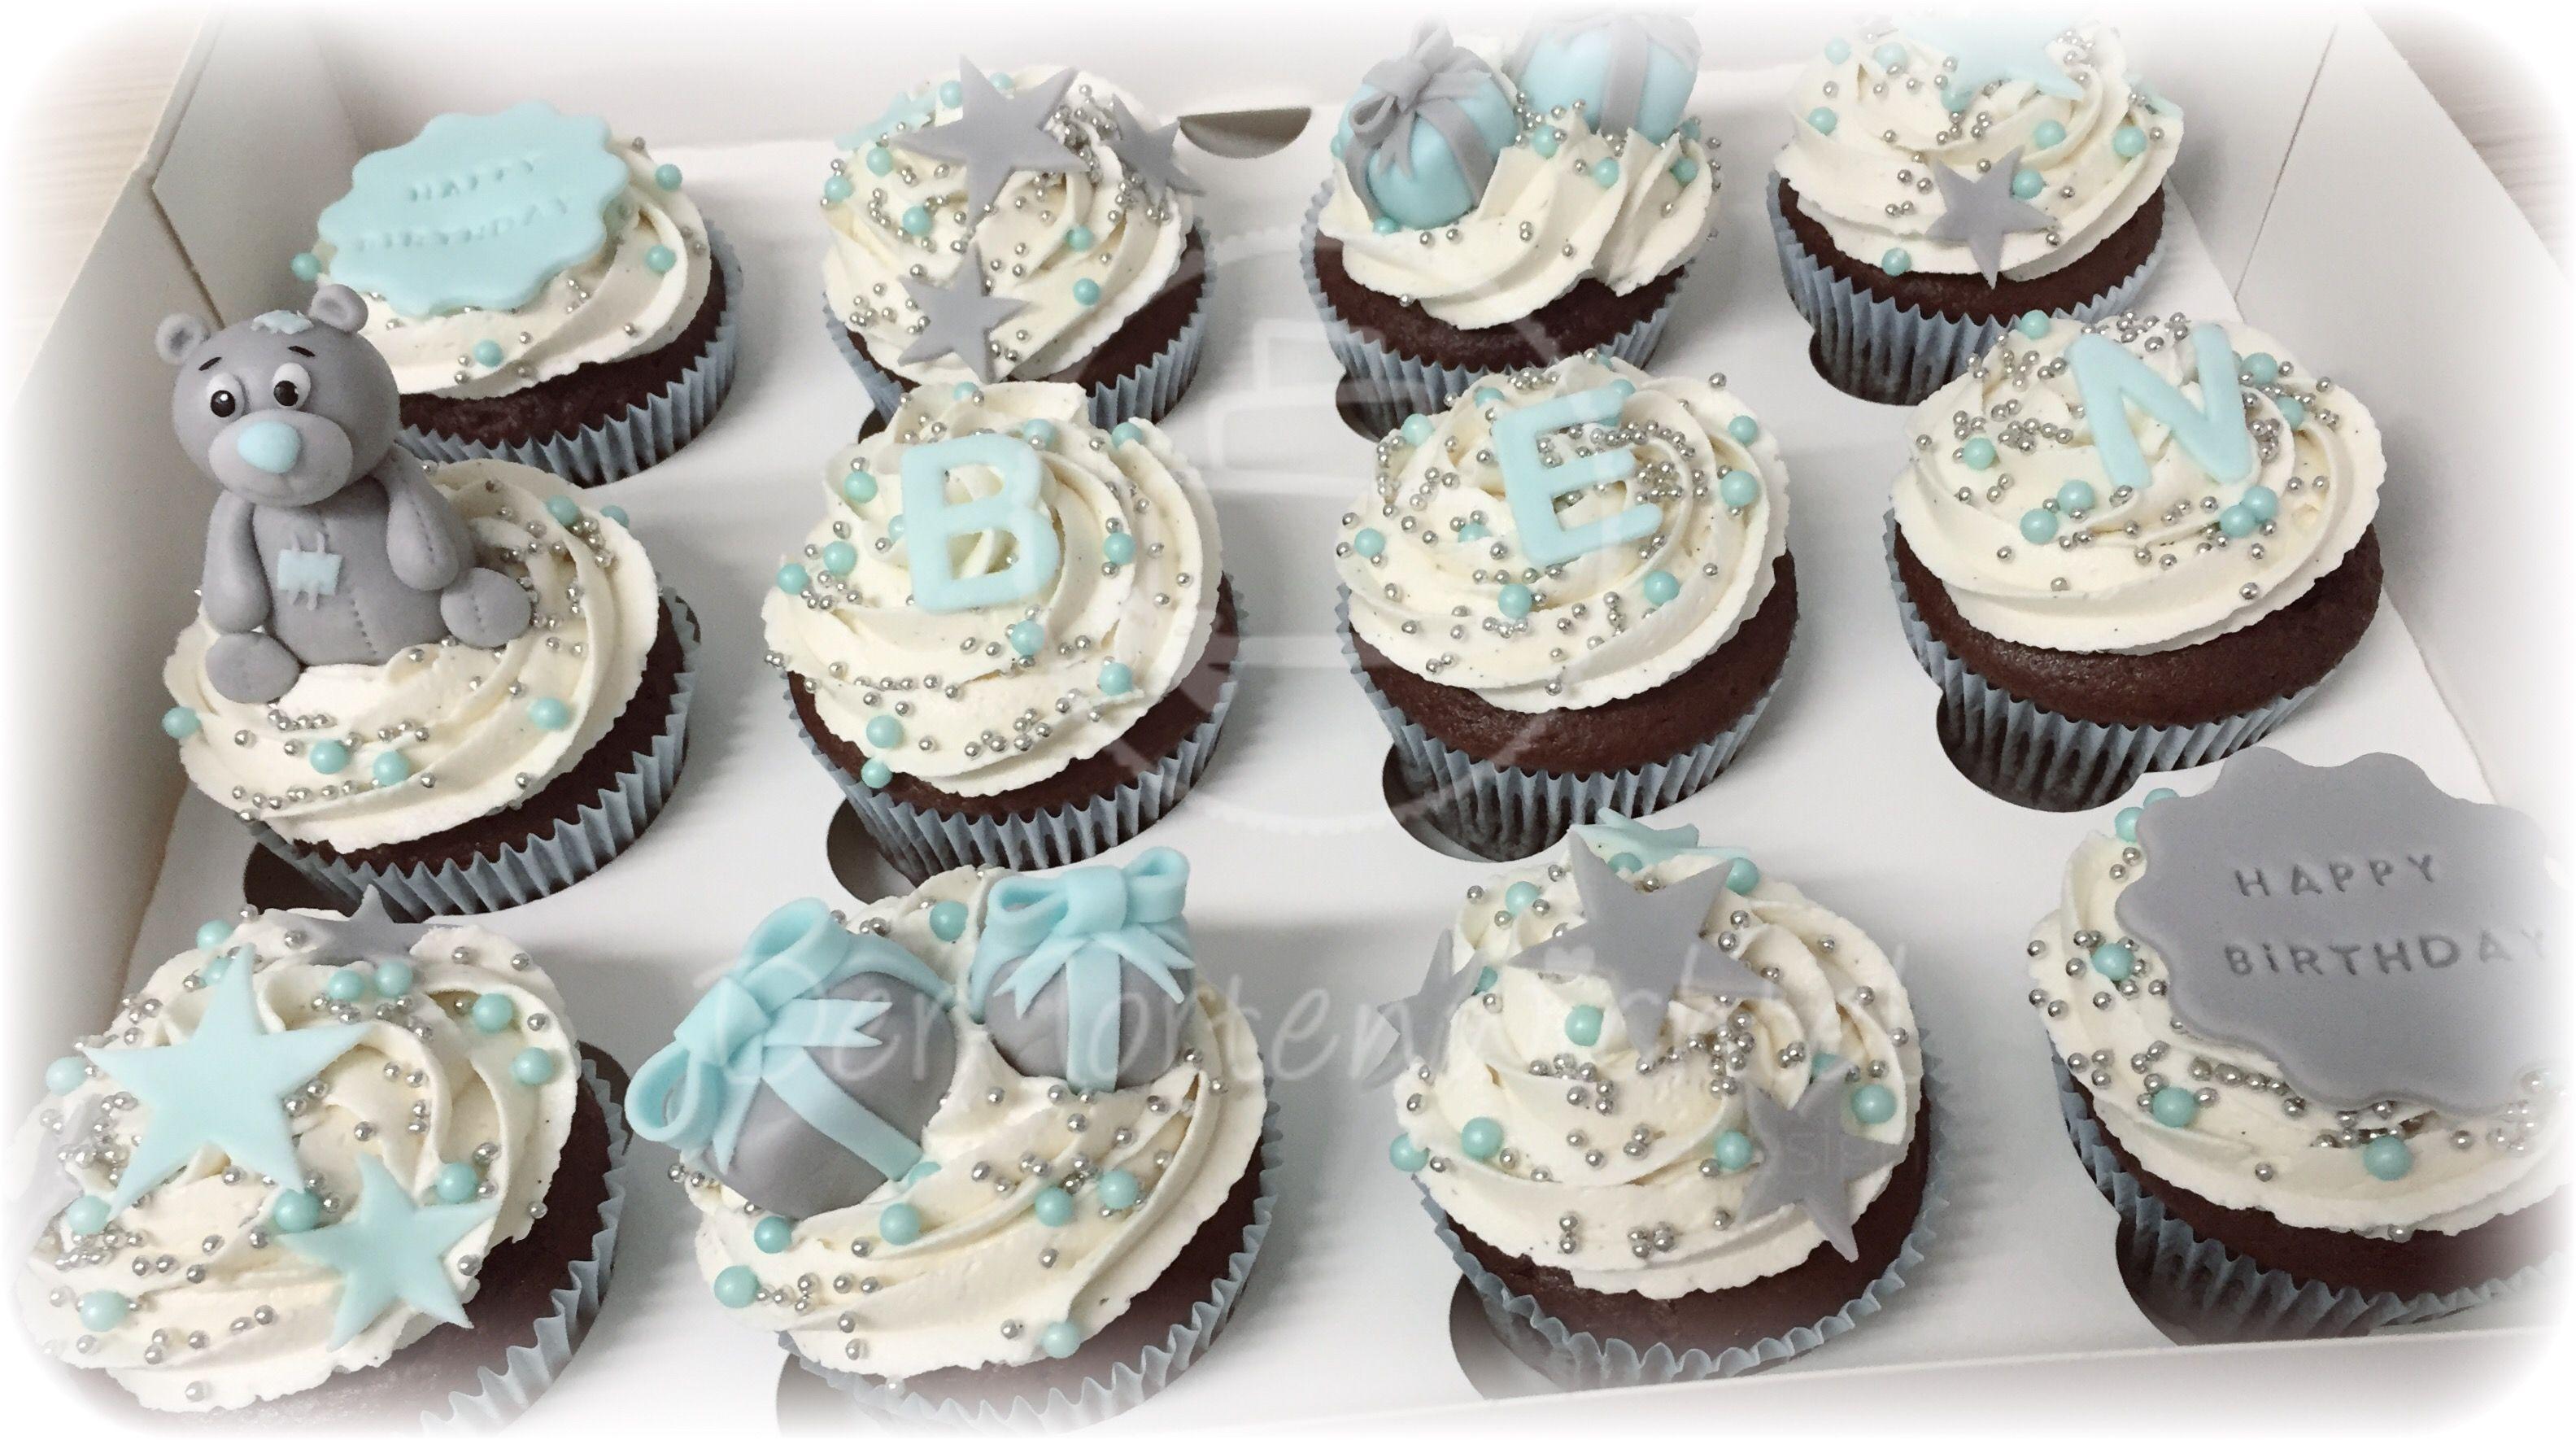 Tauf-Cupcakes | Cupcakes | Pinterest | Taufen und Cupcakes